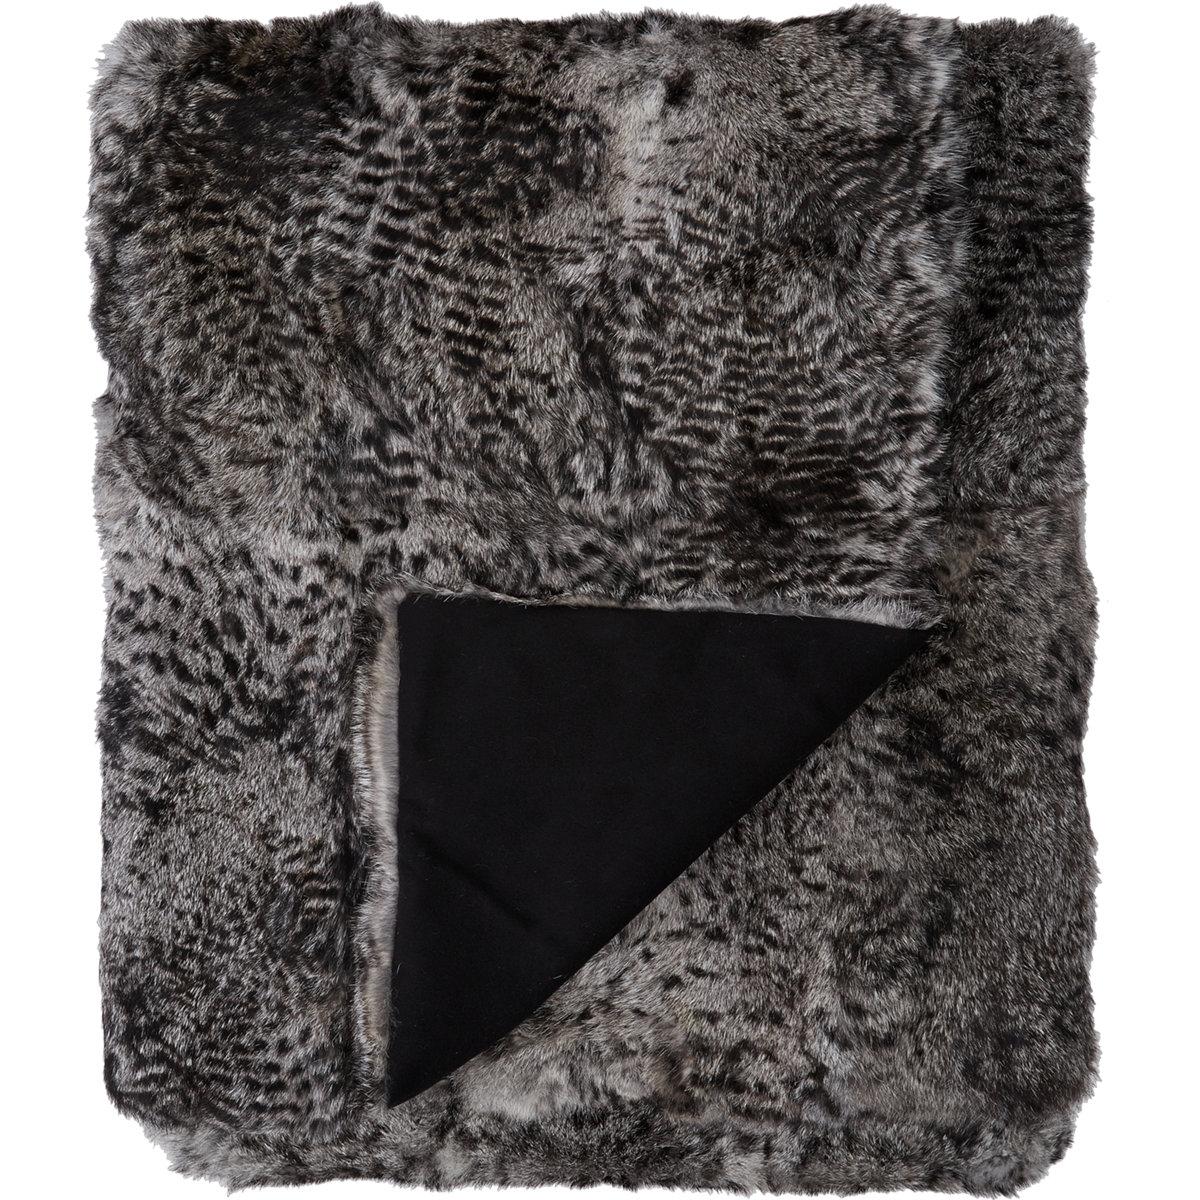 Adrienne Landau Lynx Print Fur Blanket $1,995